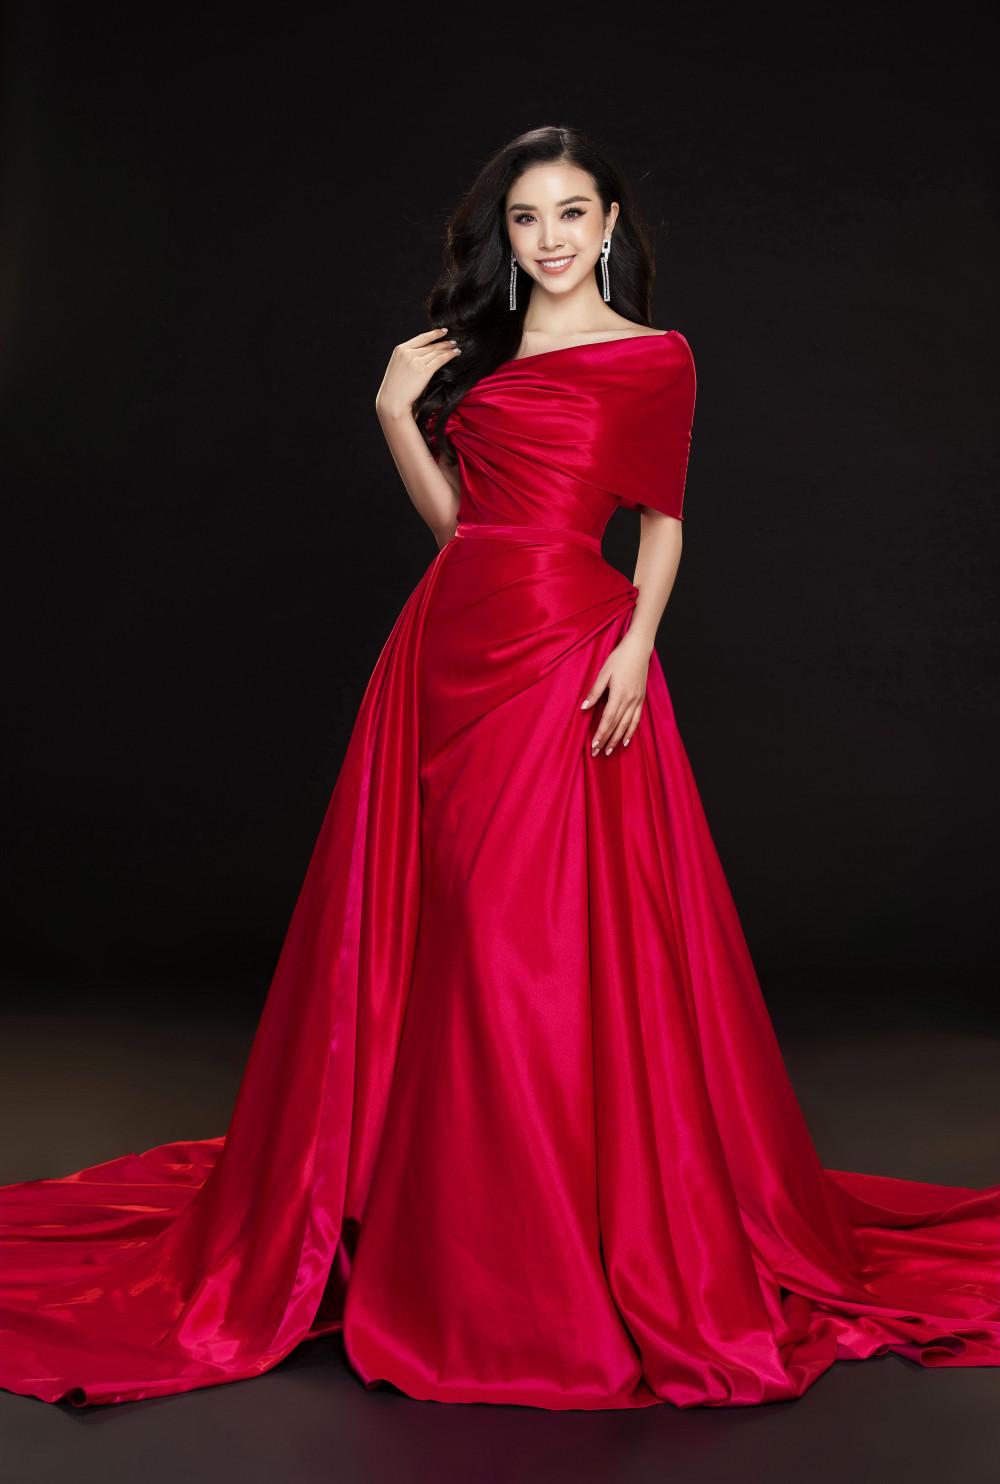 Năm 2019, Thuý An đại diện Việt Nam tham gia Hoa hậu Liên lục địa, nhưng không có mặt trong top thí sinh xuất sắc nhất.